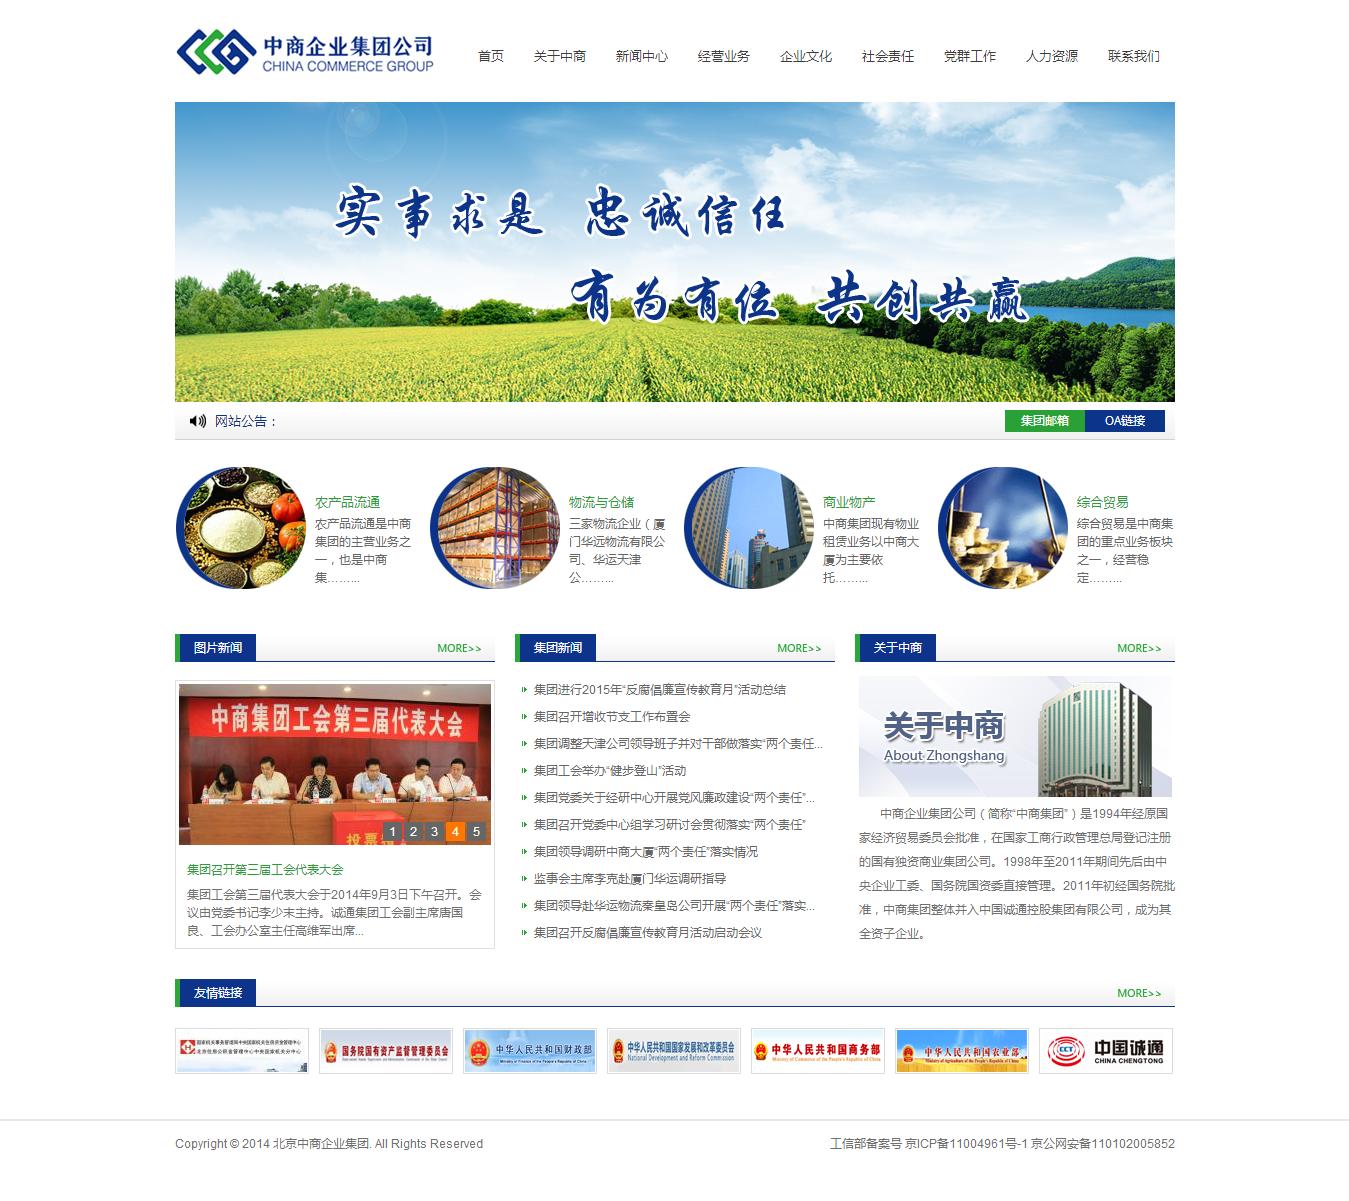 农产品流通 - 中商企业集团公司